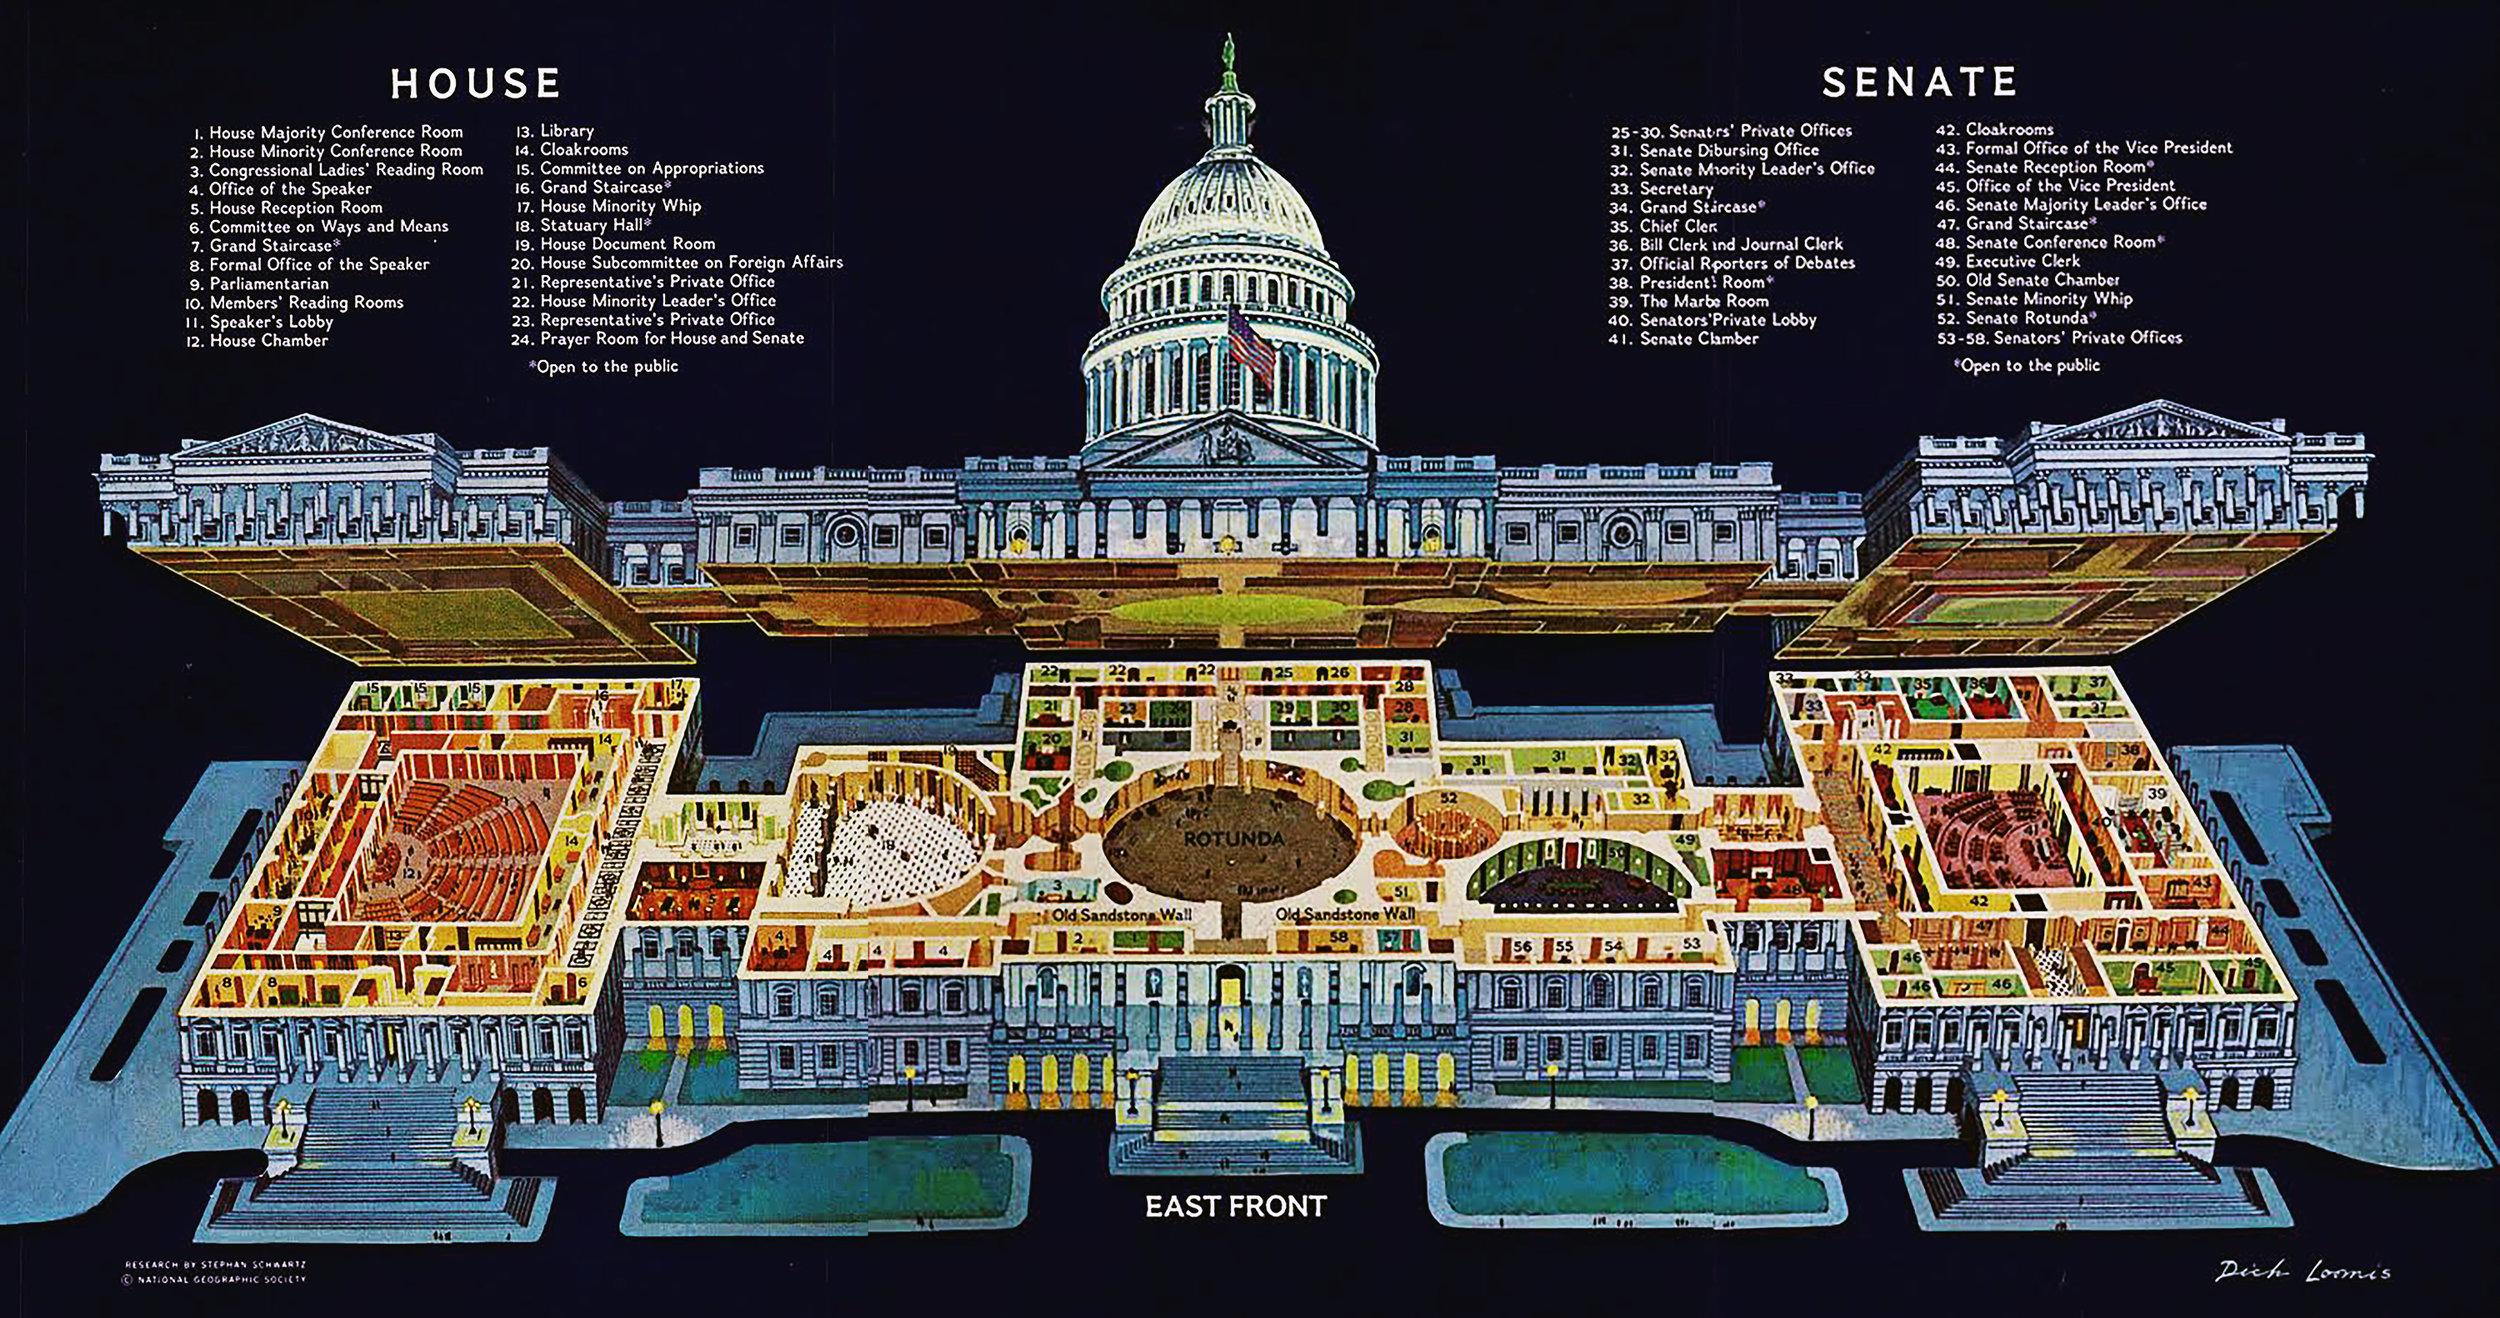 capitol-building-cutaway